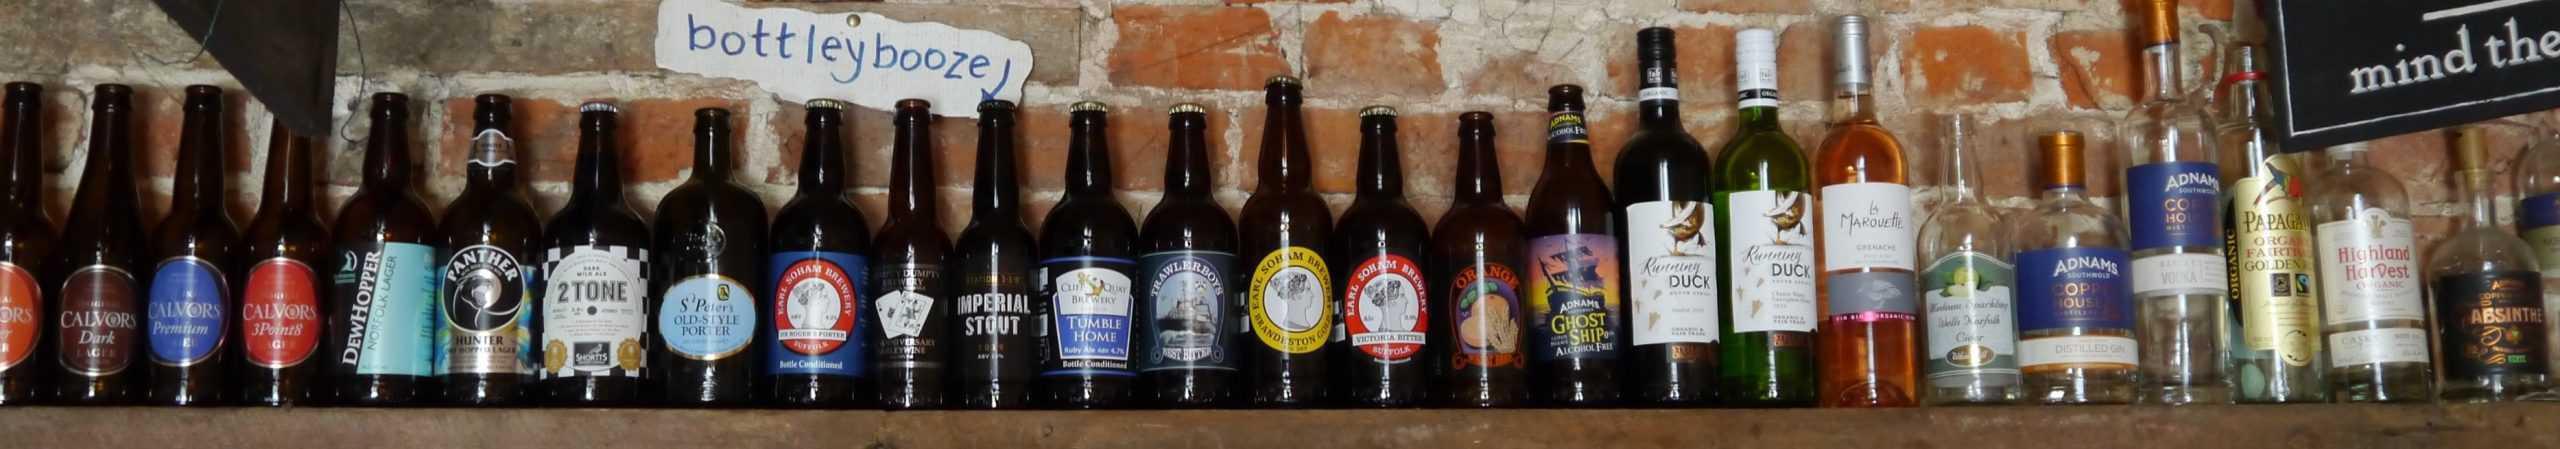 bottles in stock april 2020